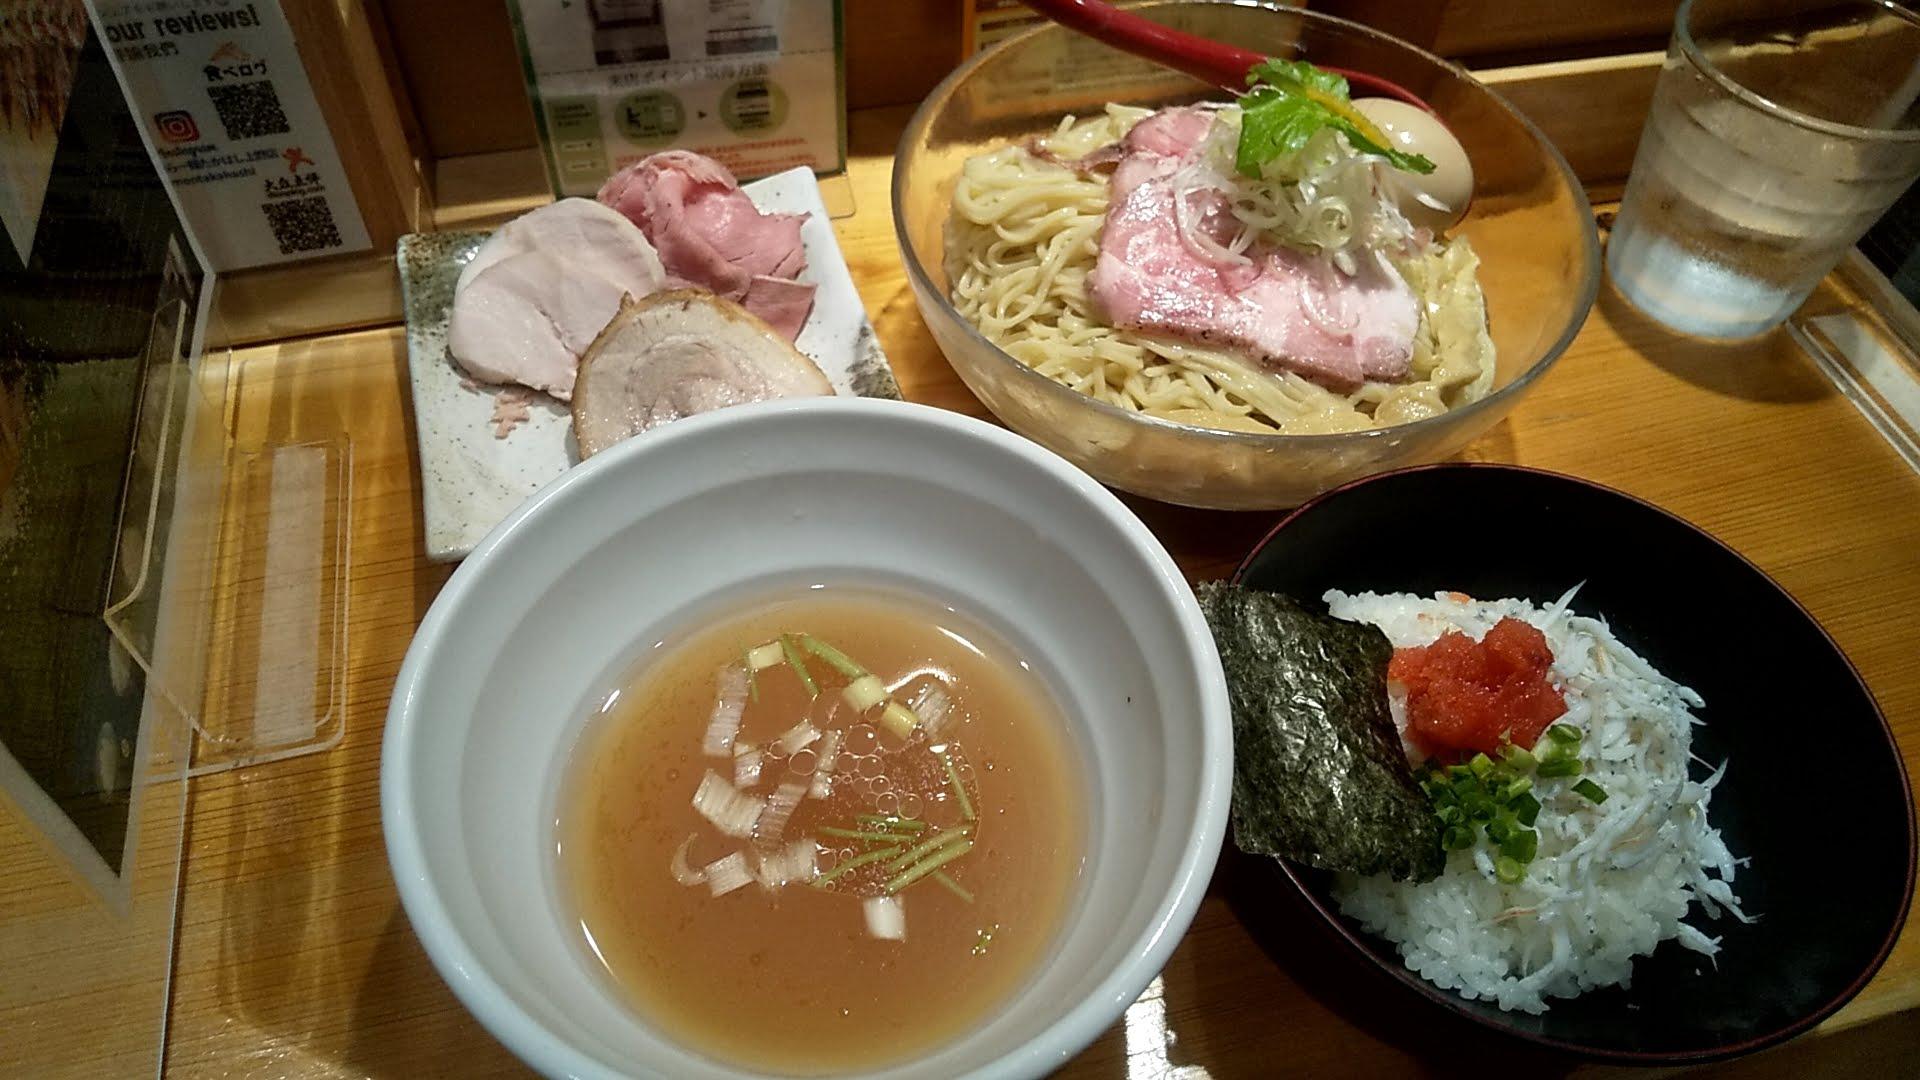 たかはし上野店のしじみ貝の冷たい昆布水つけ麺